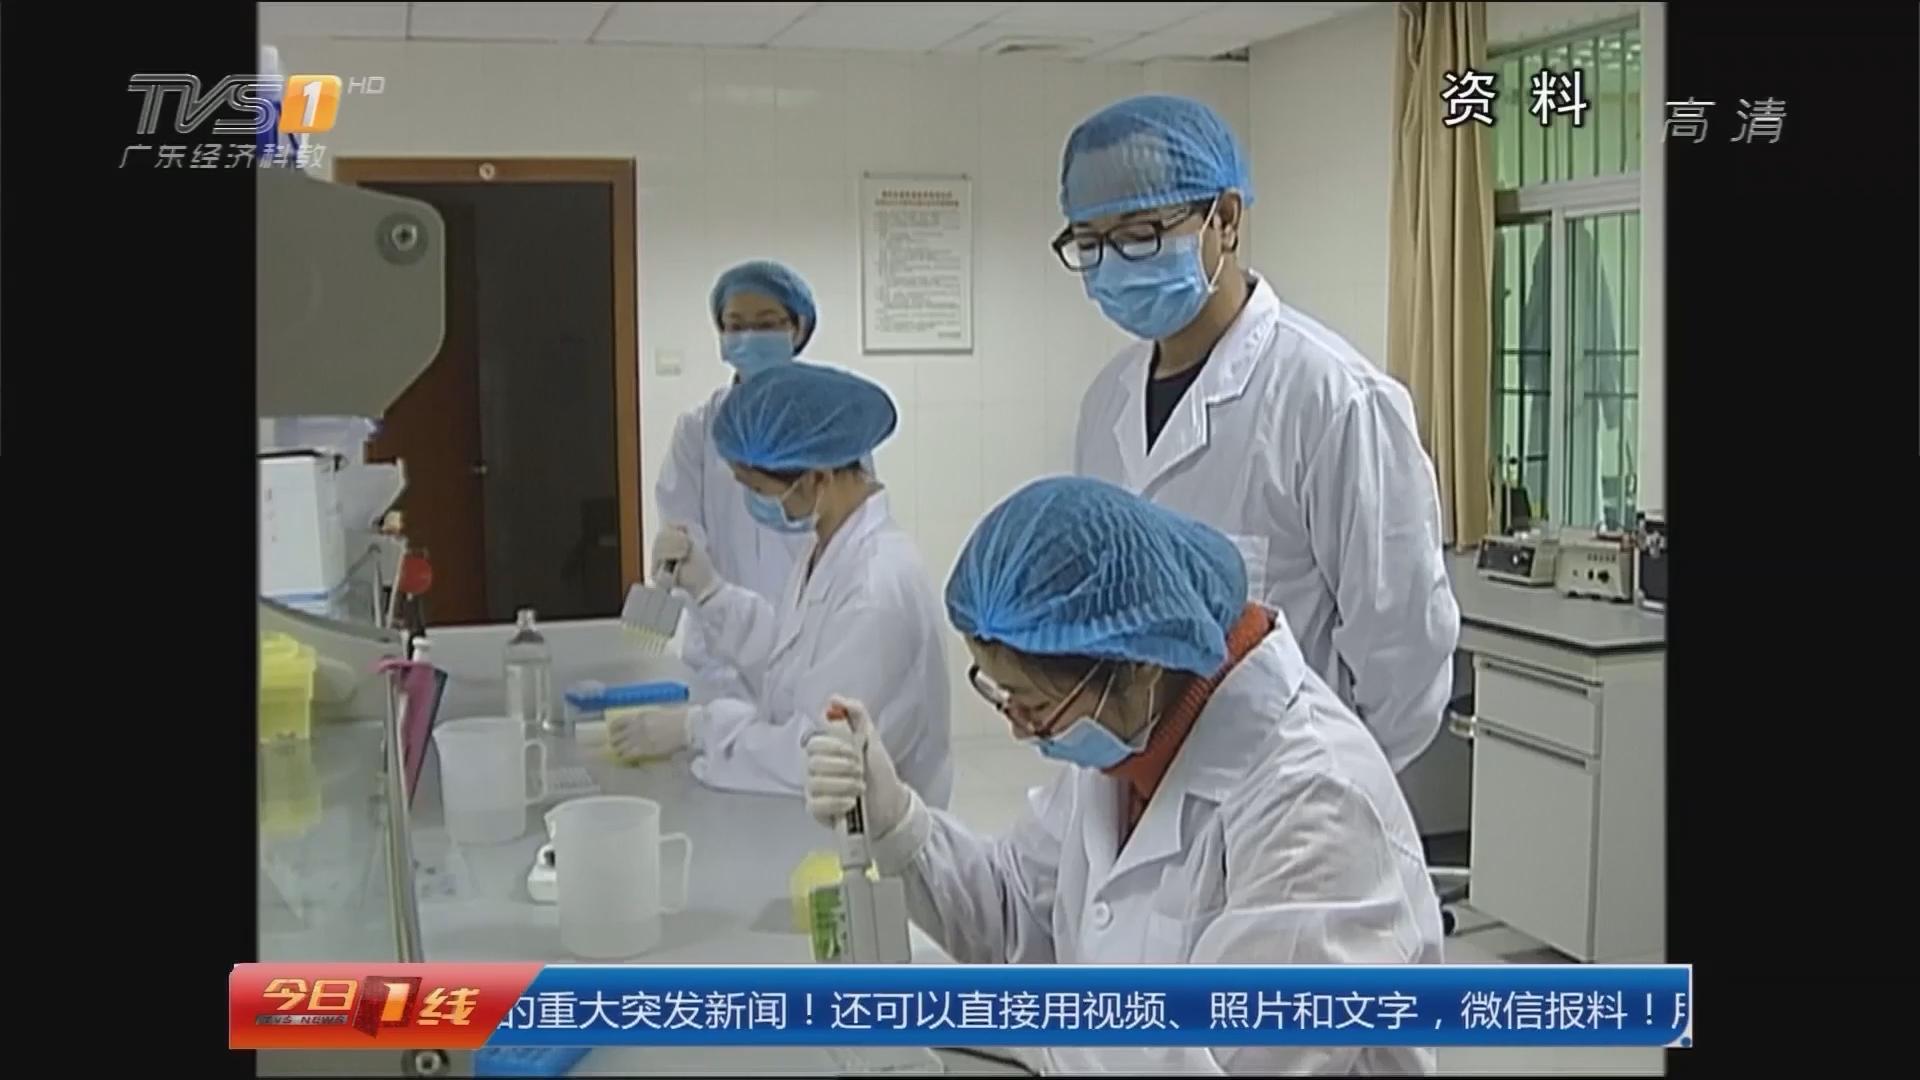 防控H7N9禽流感:临时休市 下半月广州停卖活鸡